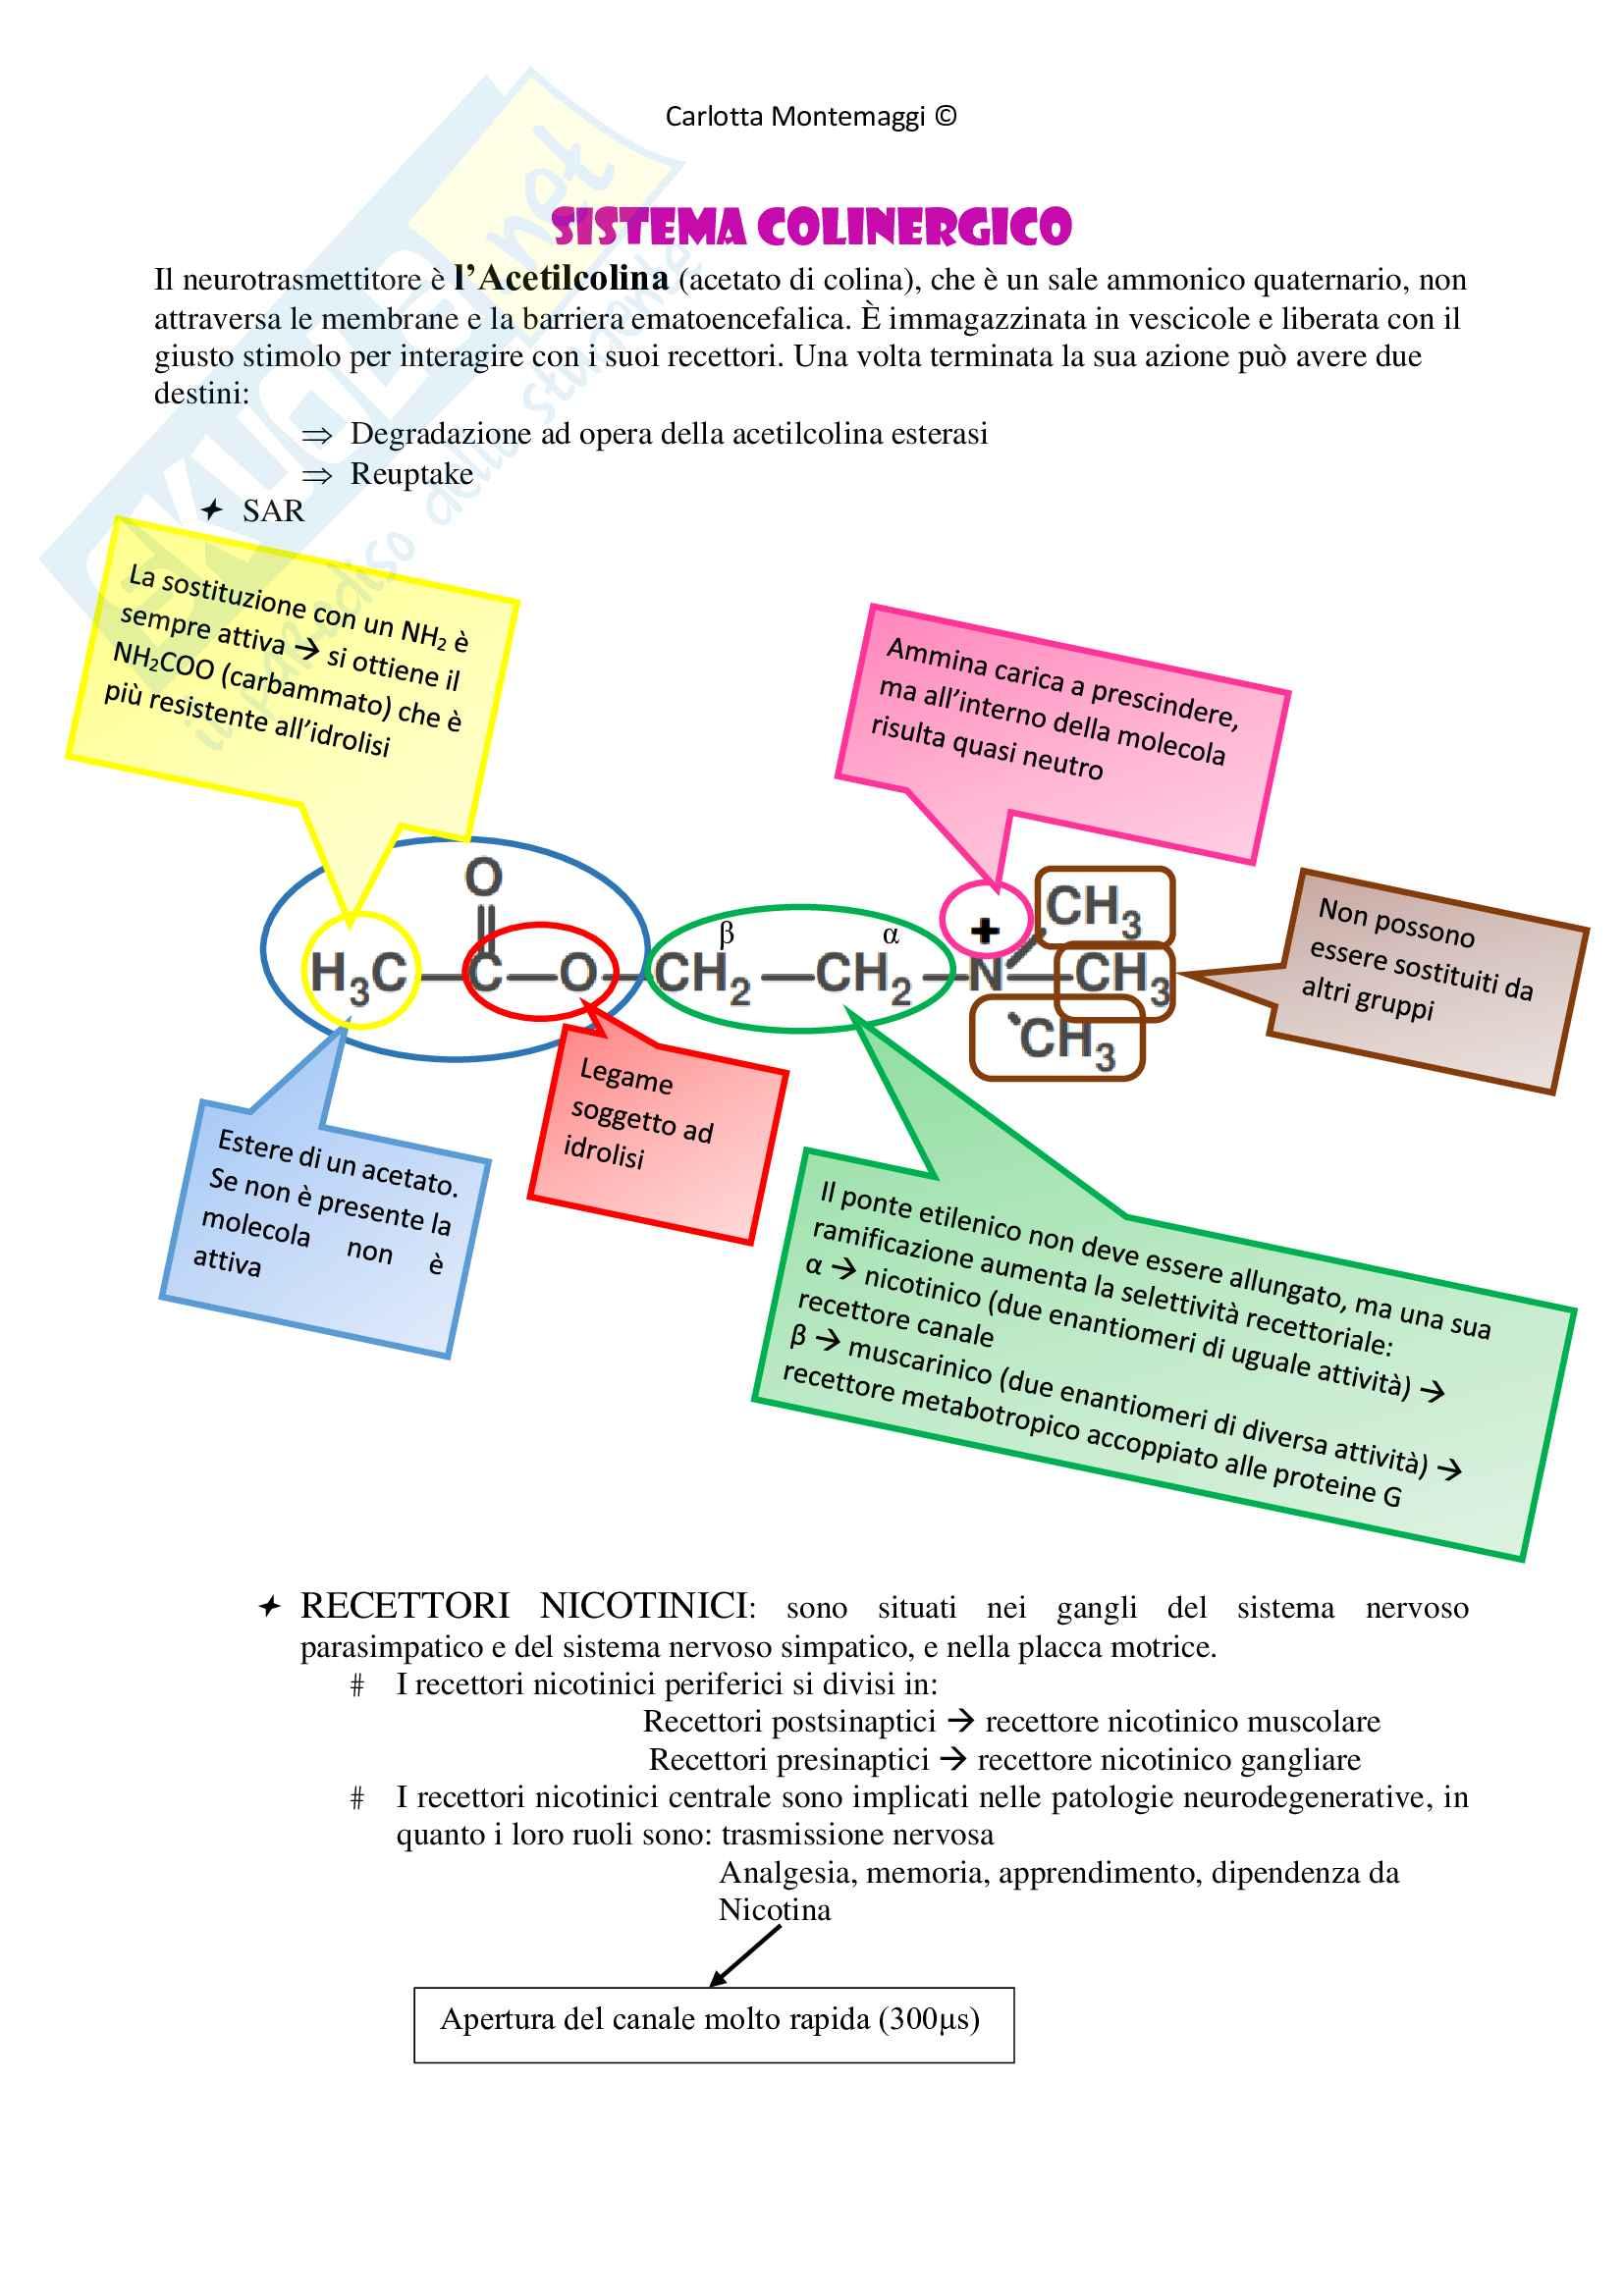 Chimica farmaceutica 2 - teoria